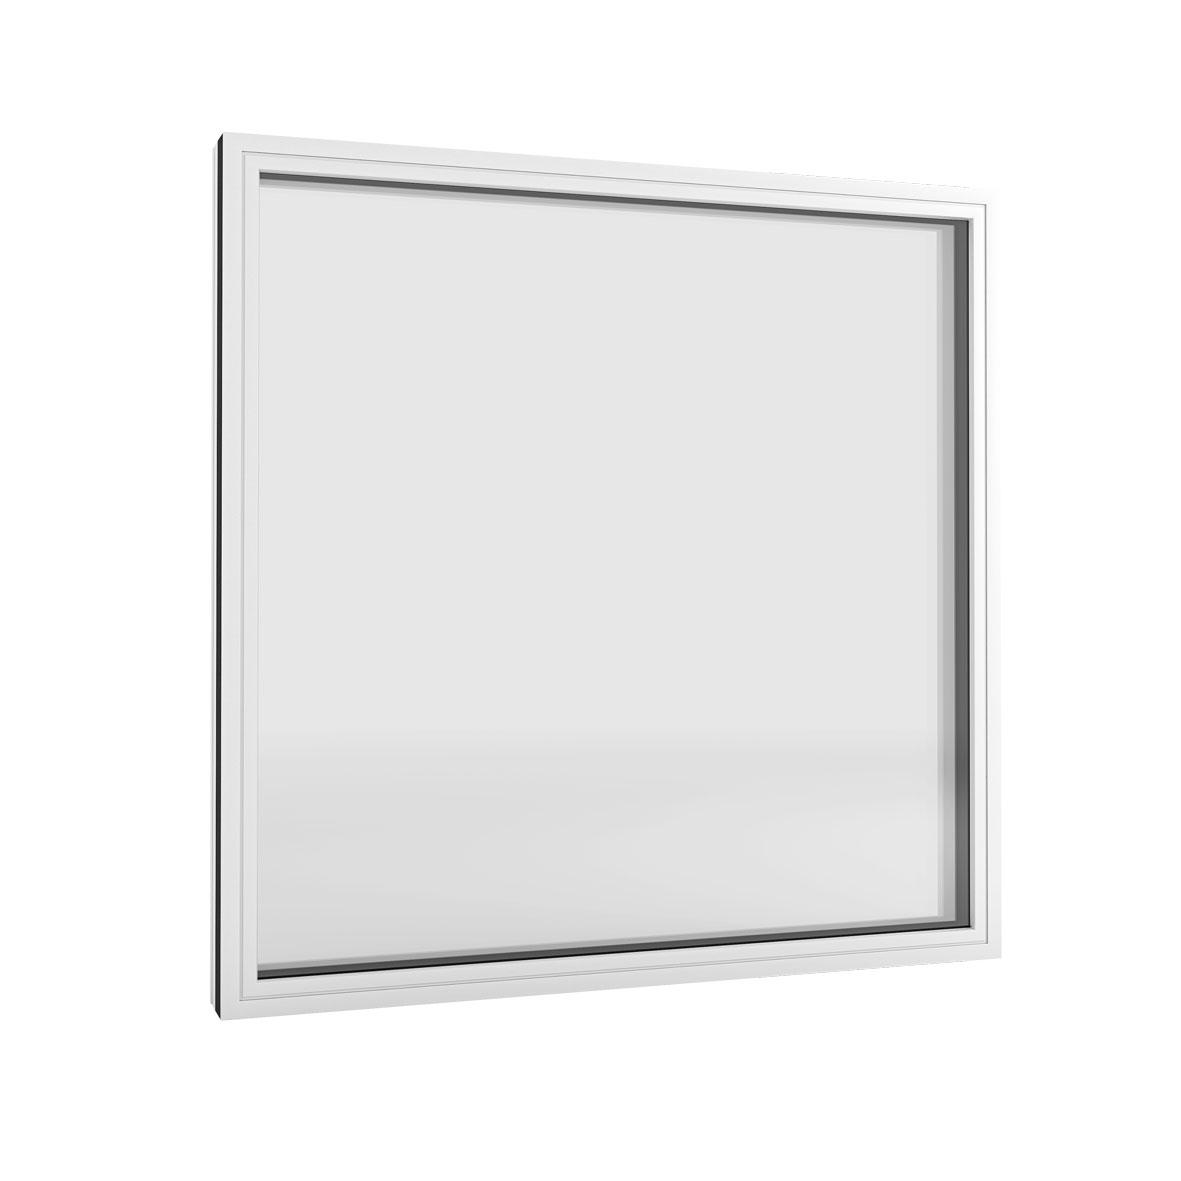 Fixed Frame Windows : Idealcombi frame ic fixed light window